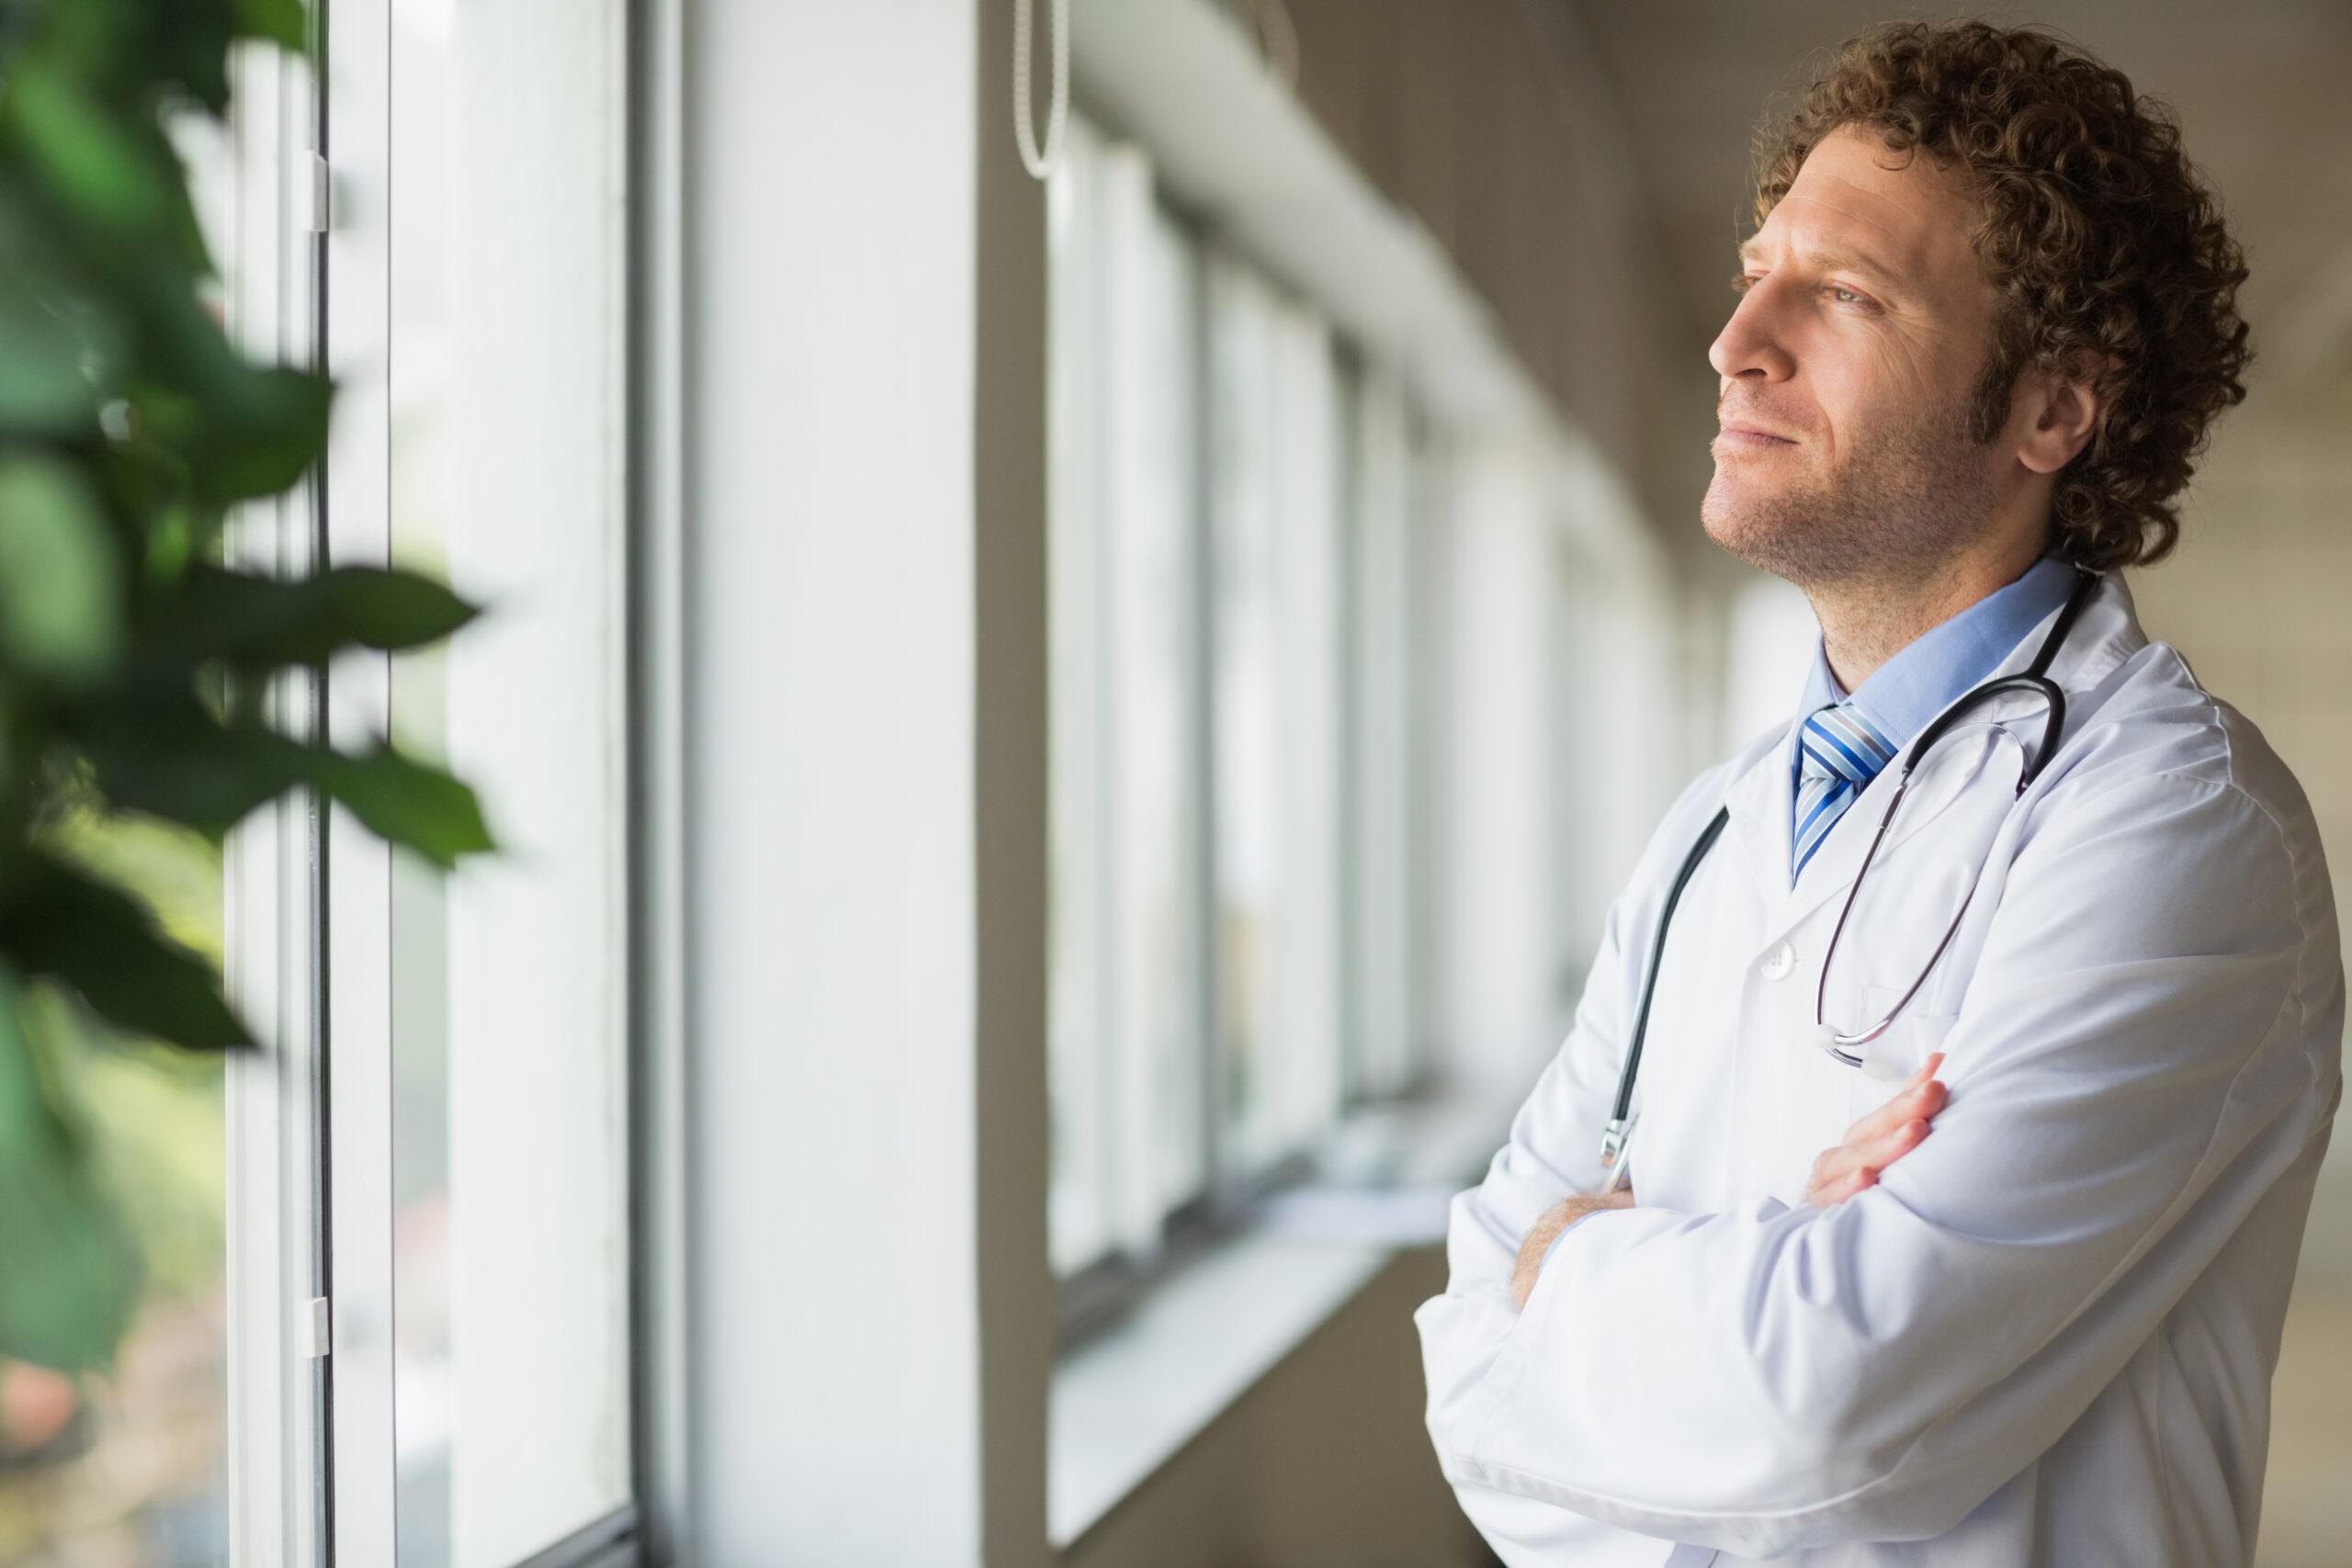 Zatrudnienie w praktyce lekarskiej